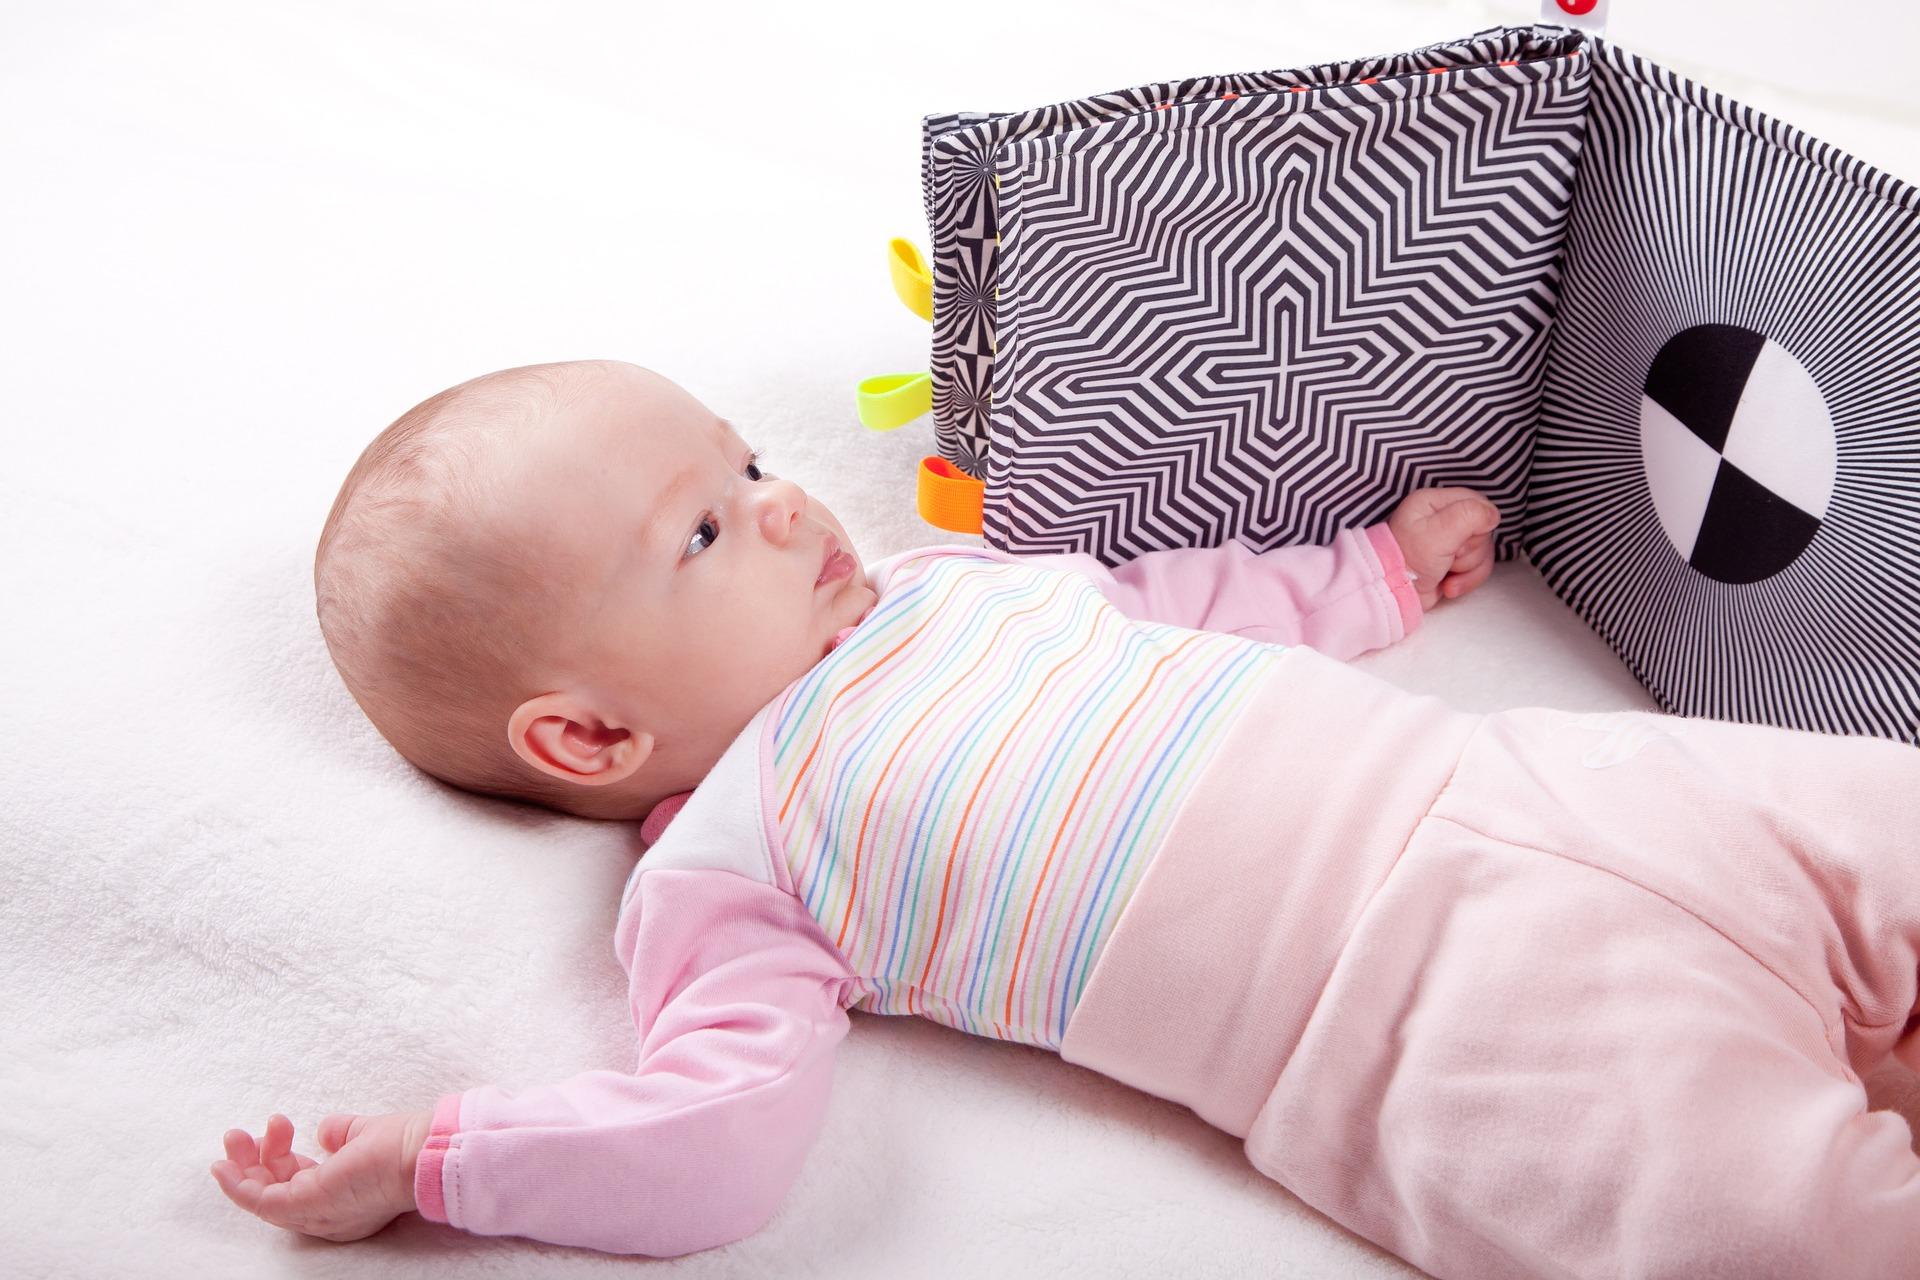 5 מוצרים שתורמים להתפתחות הילד לזחילה והליכה